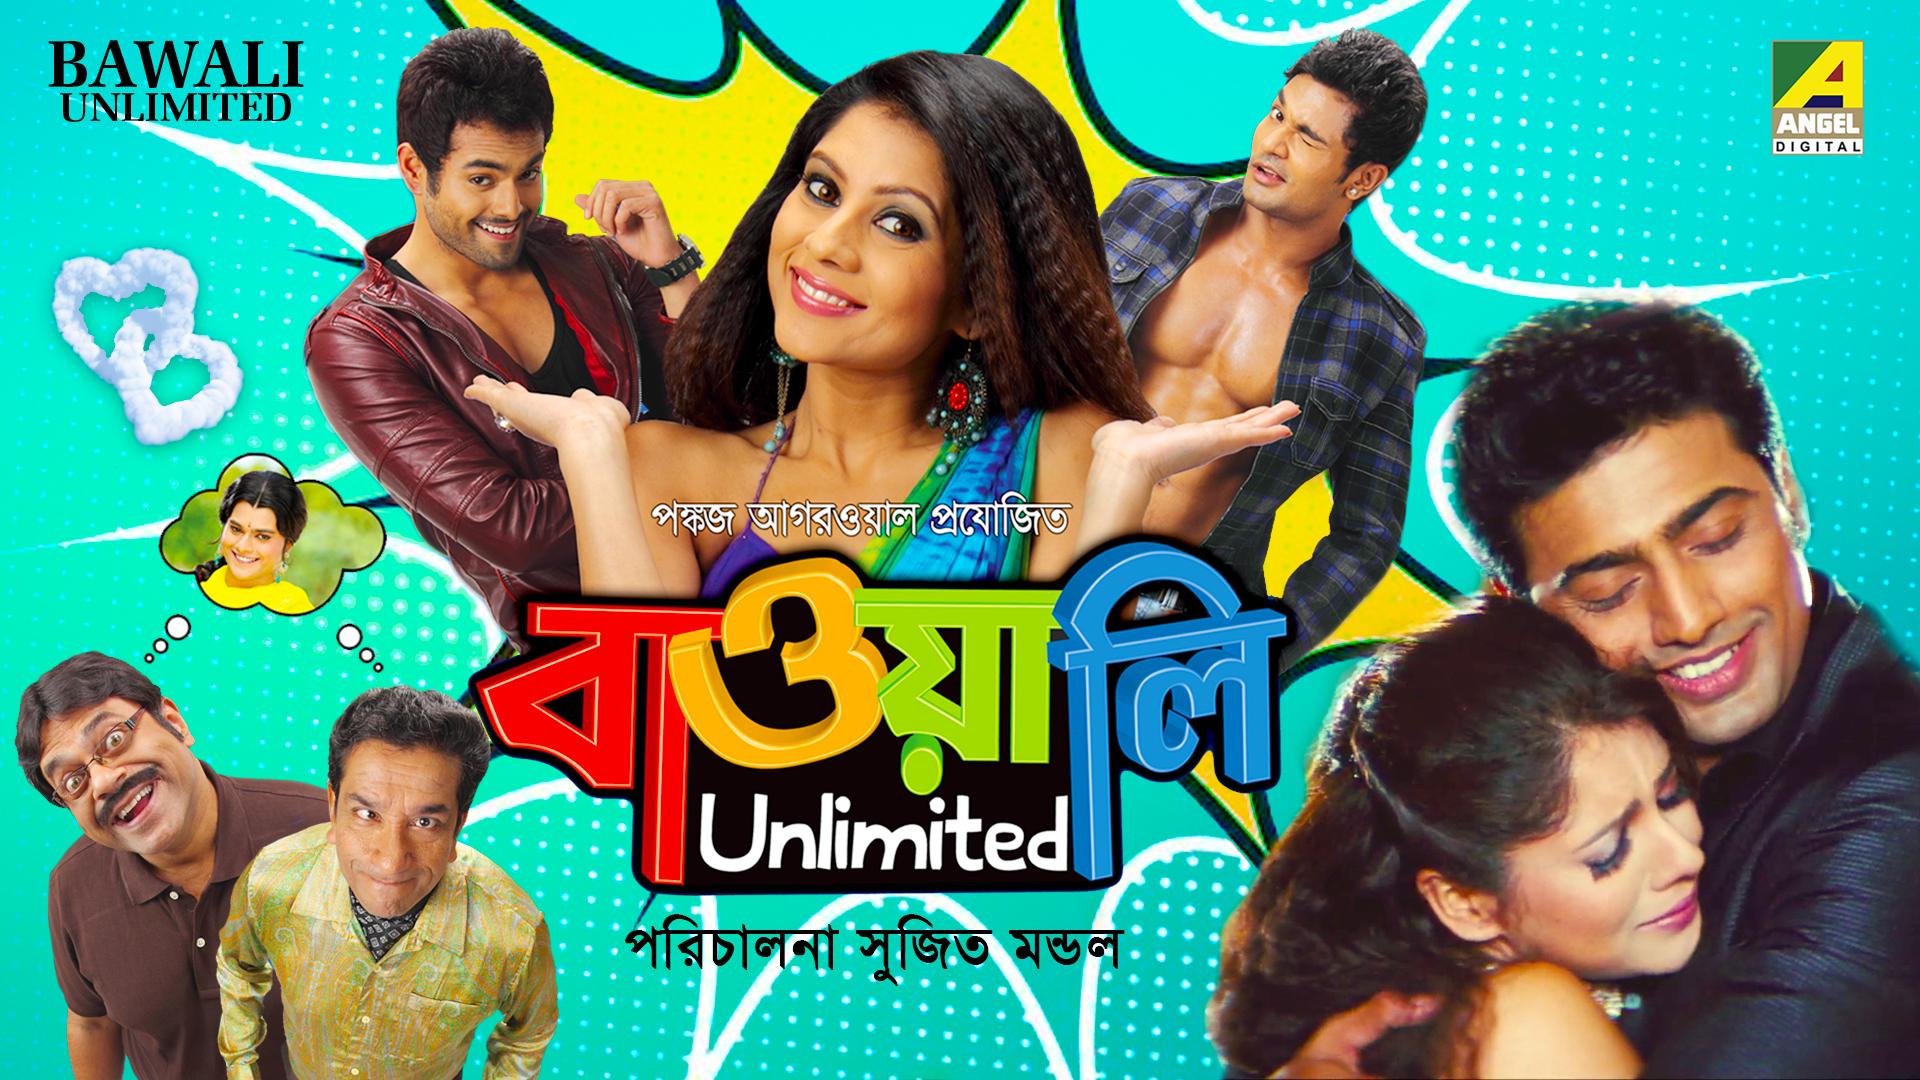 Bawali Unlimited